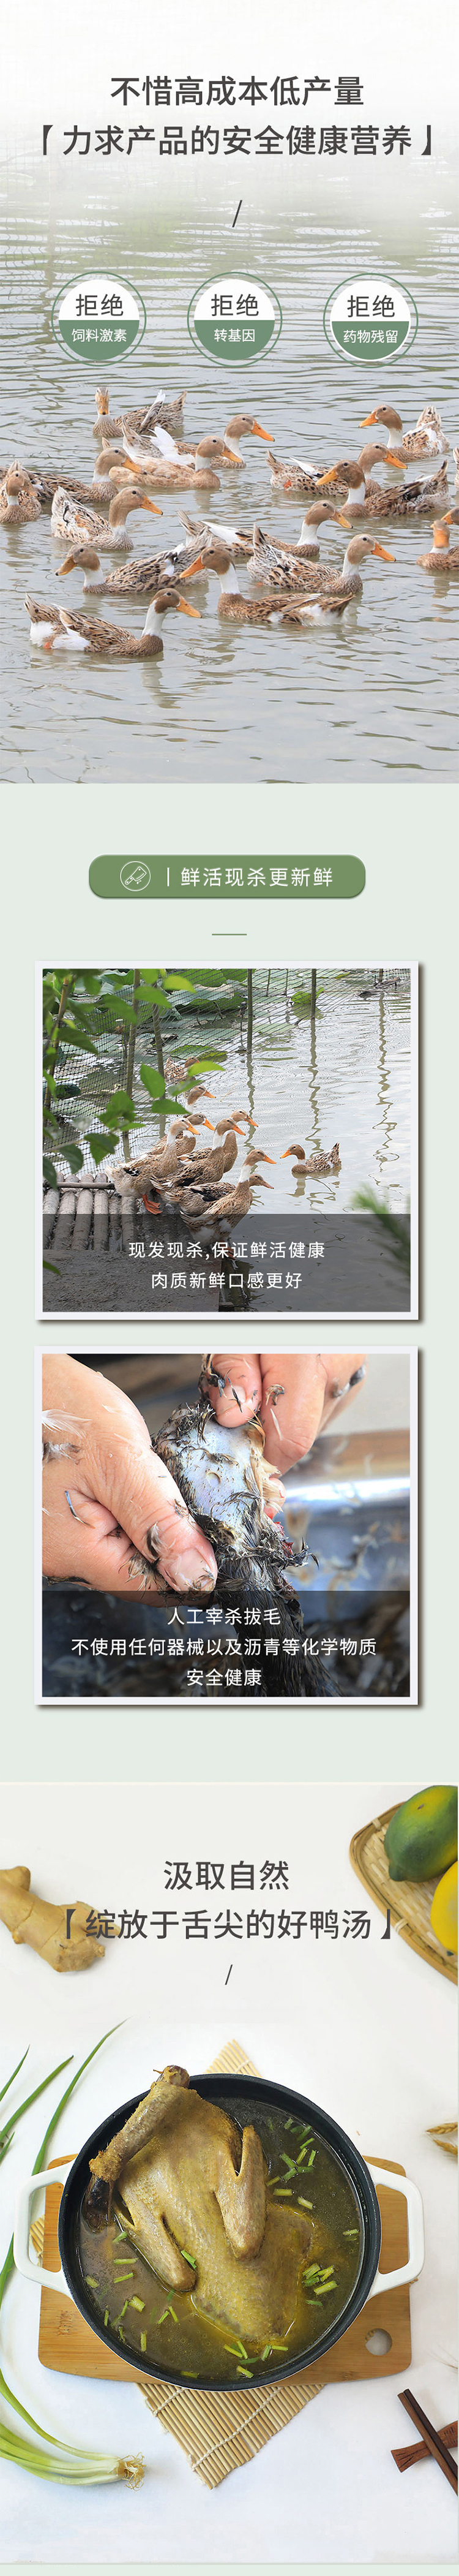 皖南稻田鸭